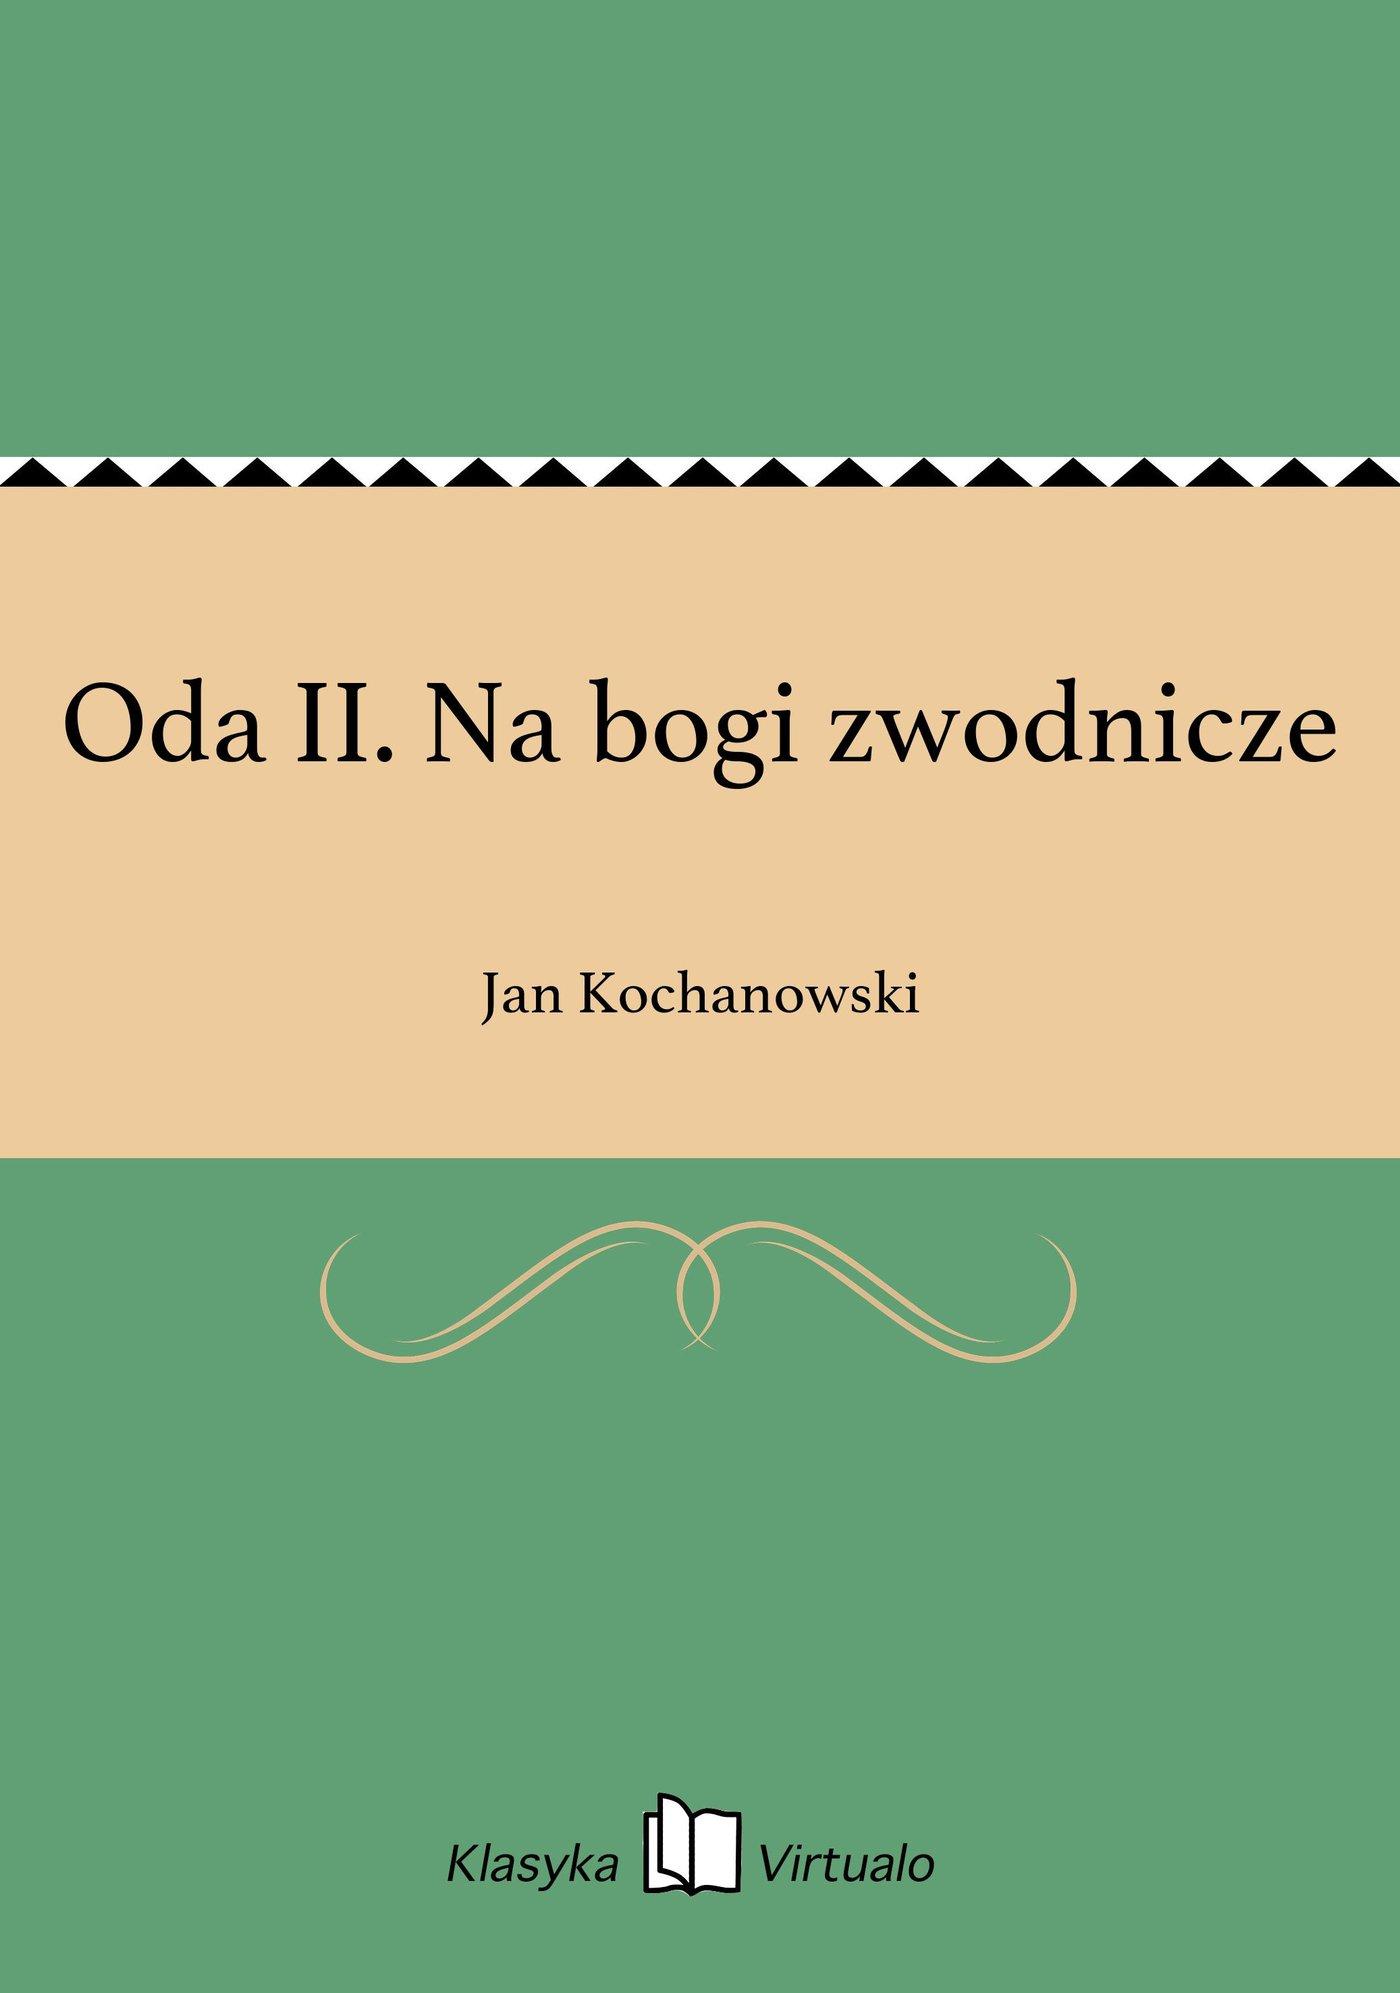 Oda II. Na bogi zwodnicze - Ebook (Książka na Kindle) do pobrania w formacie MOBI